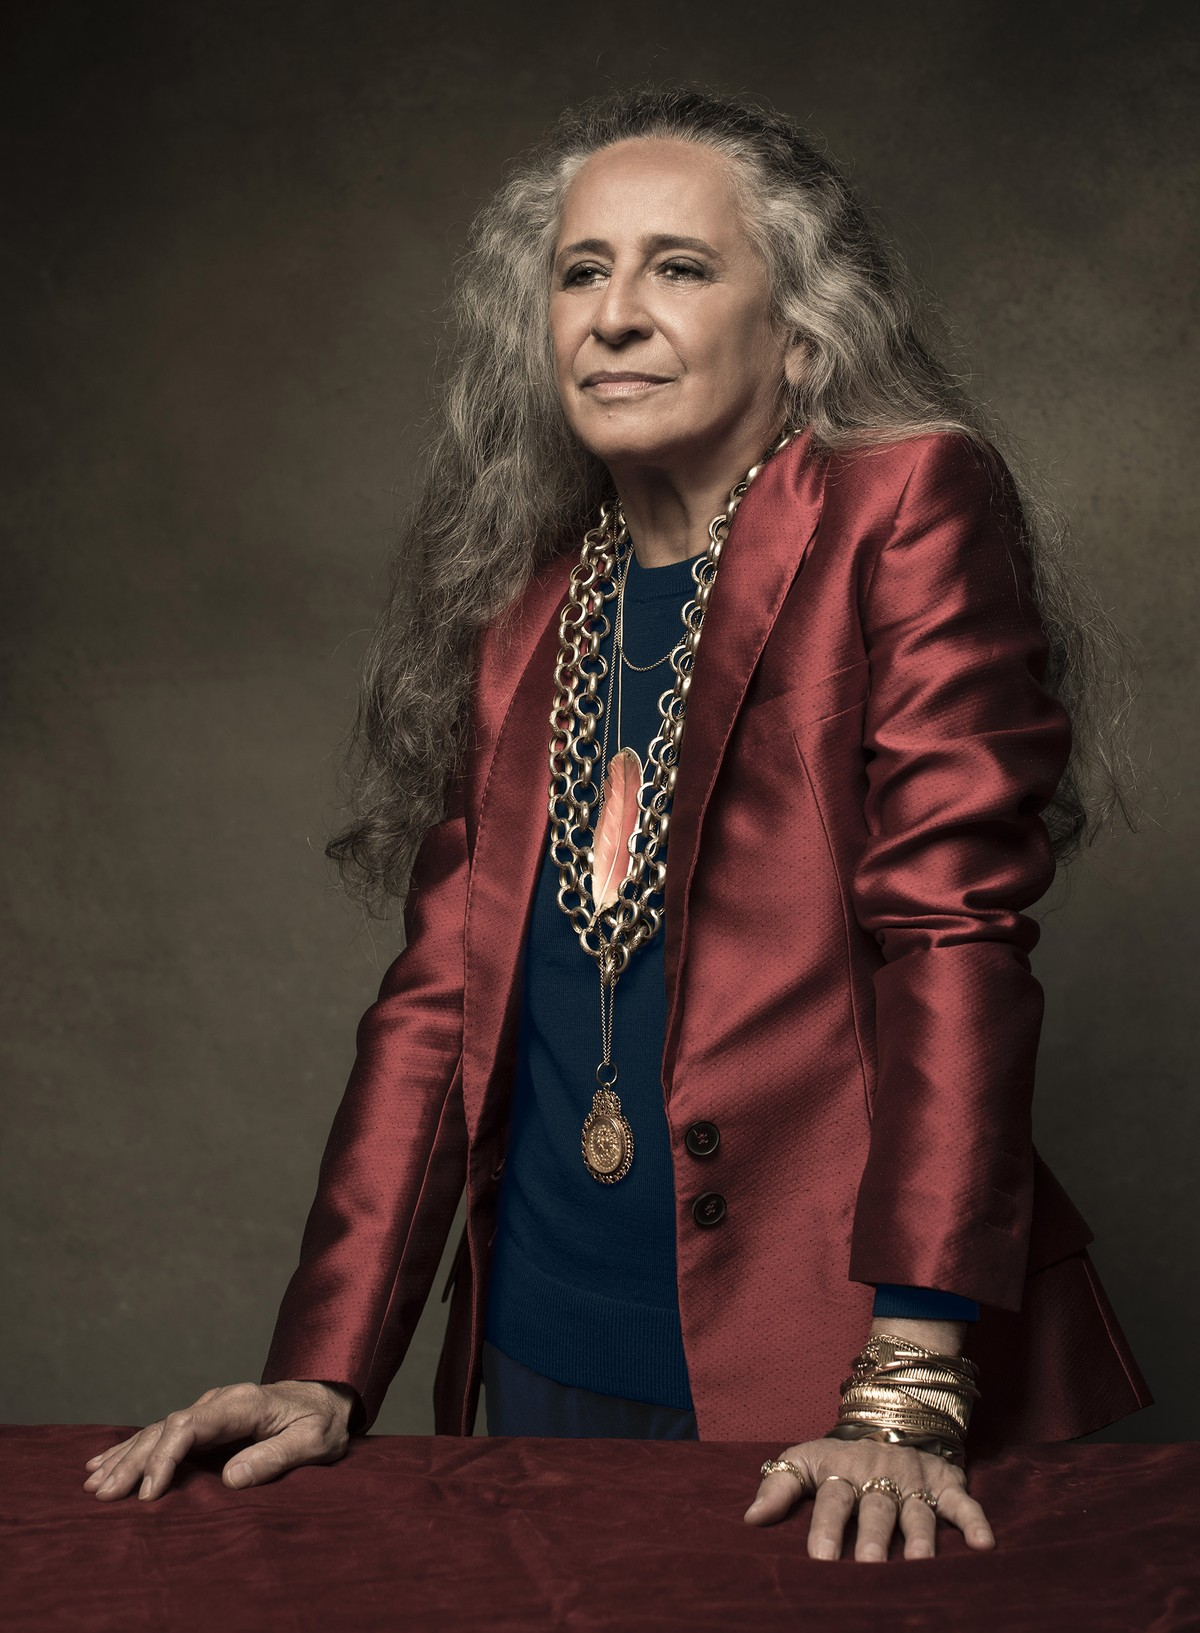 Maria Bethânia colhe 'A flor e o espinho' para single do álbum em que faz exaltação à Mangueira - G1